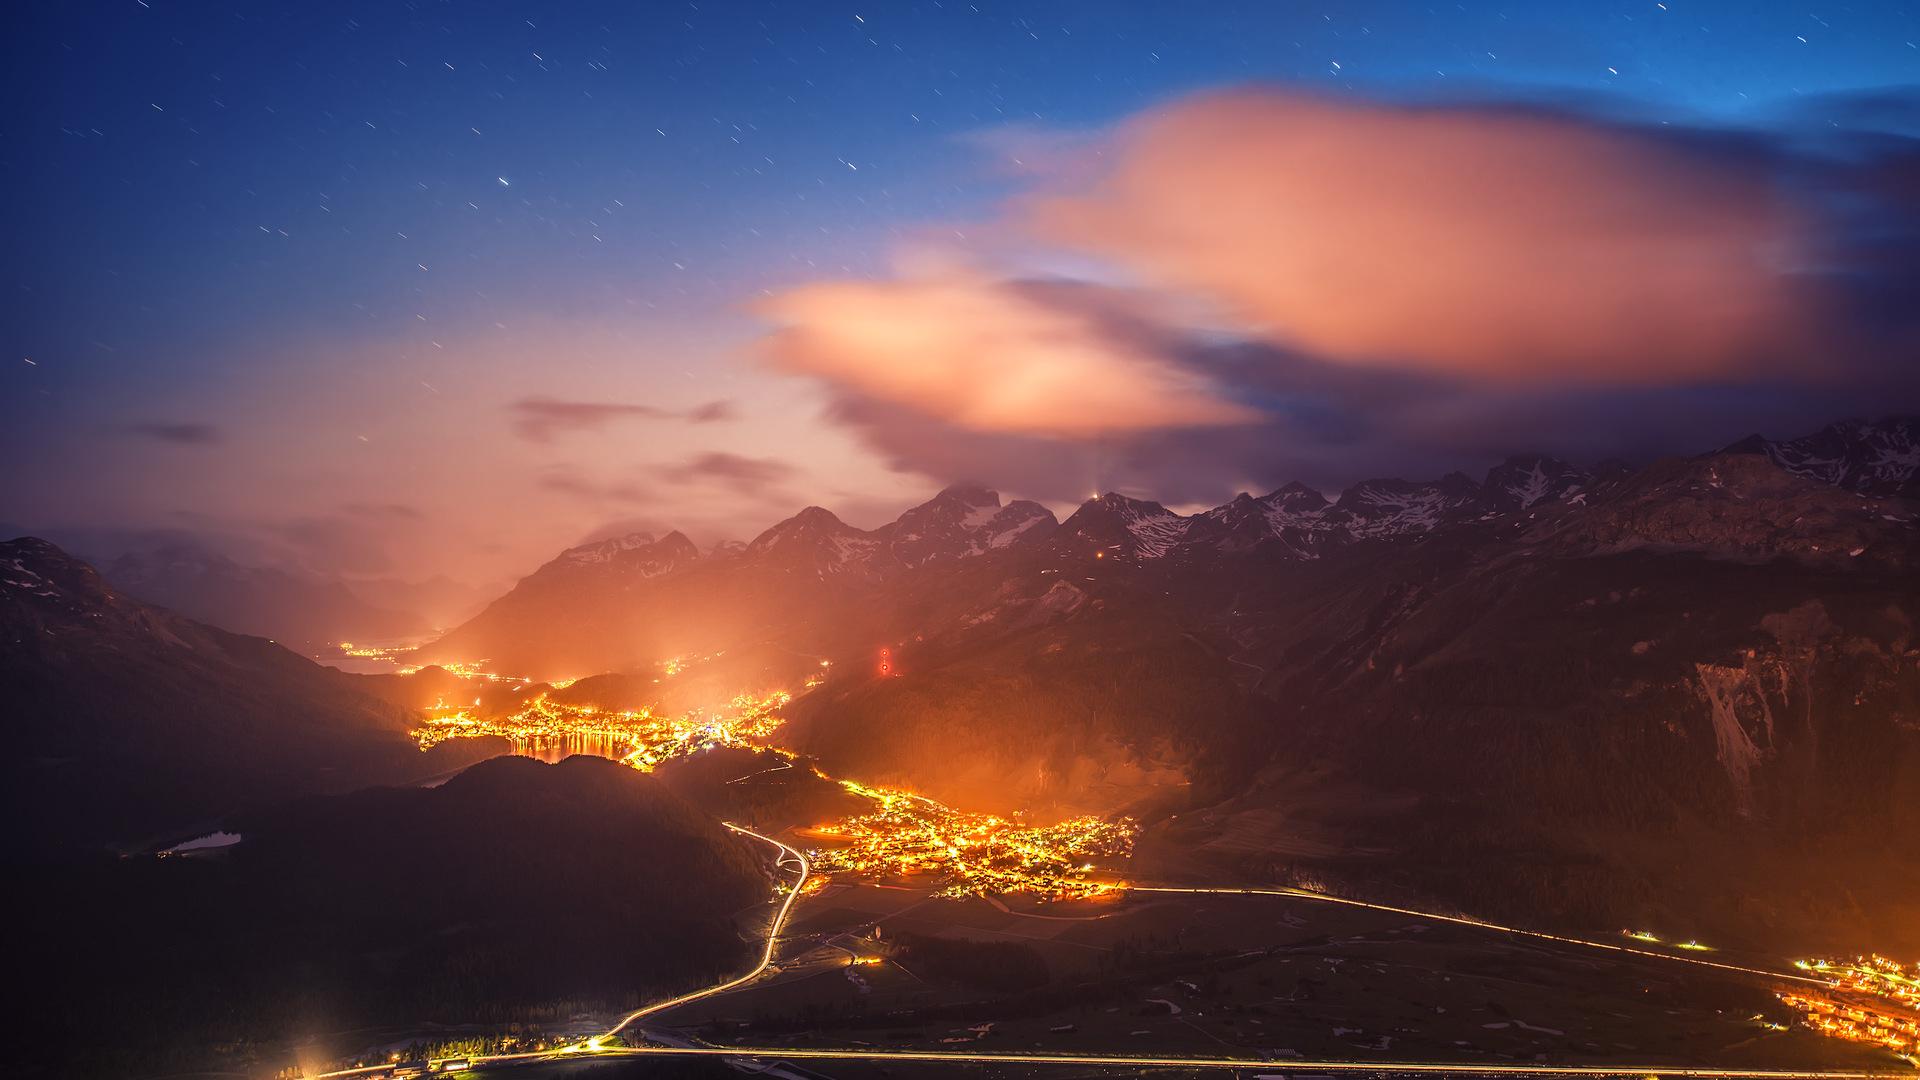 switzerland-night-4k-v3.jpg